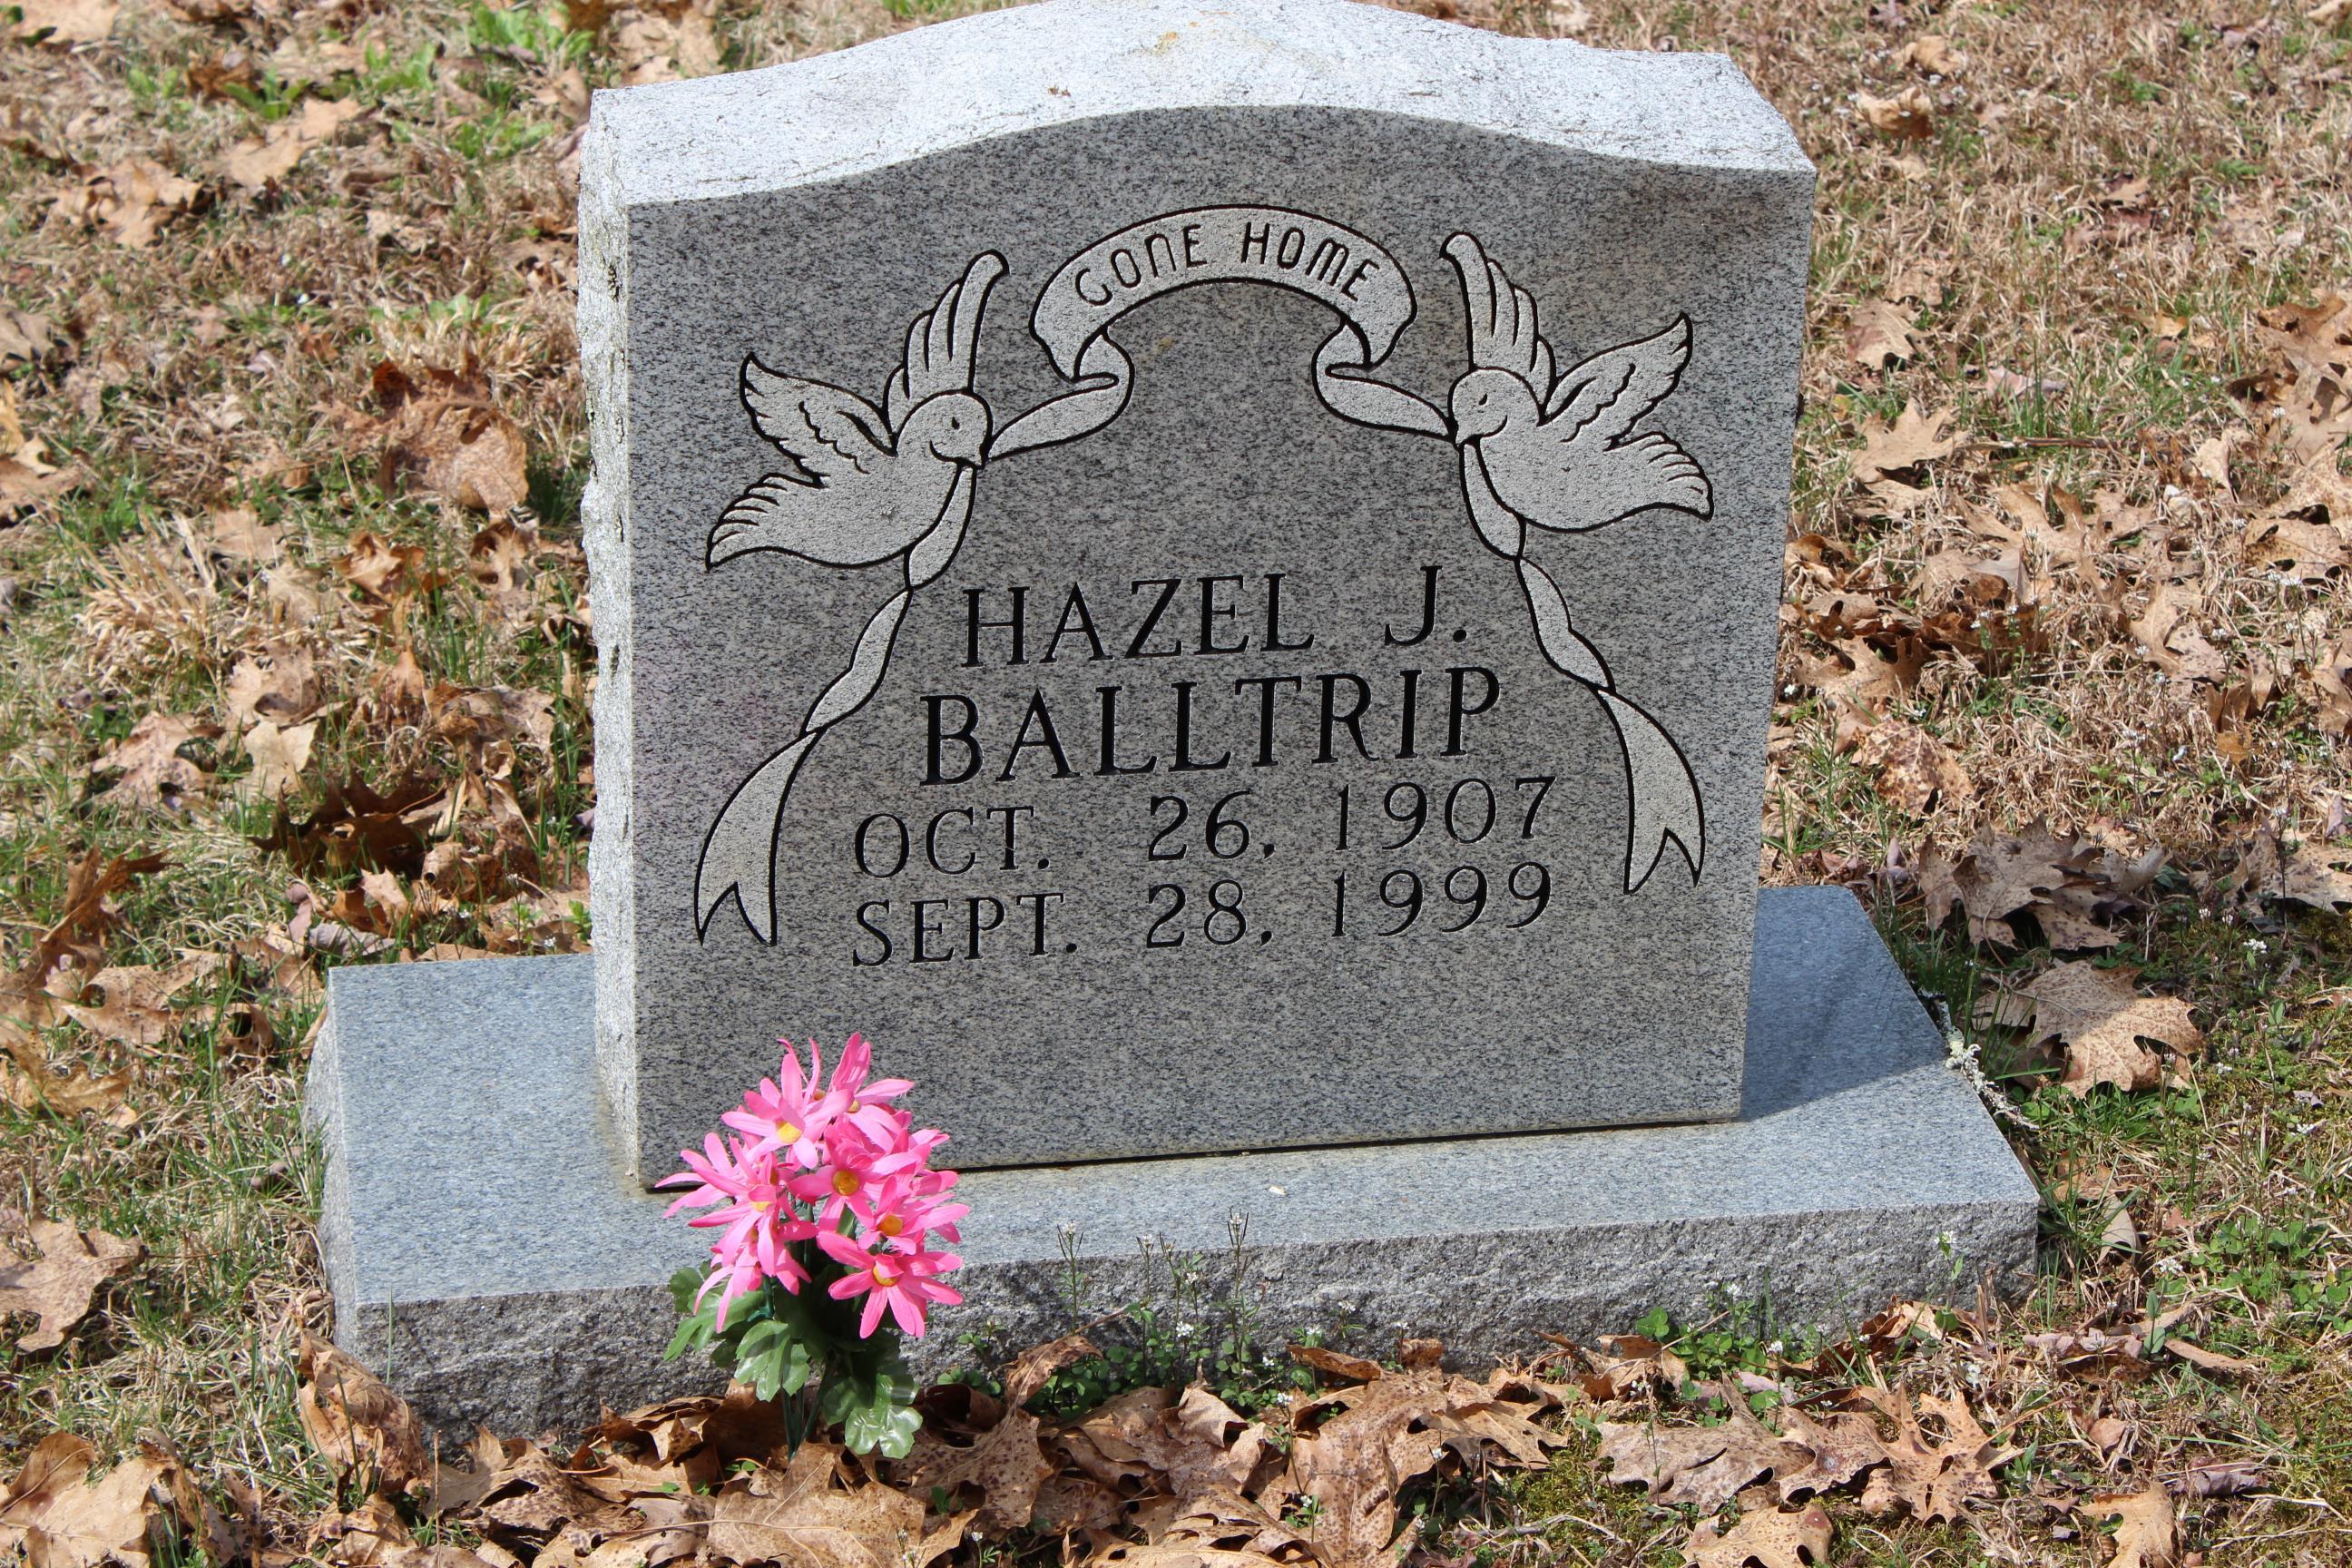 Hazel Jane Balltrip